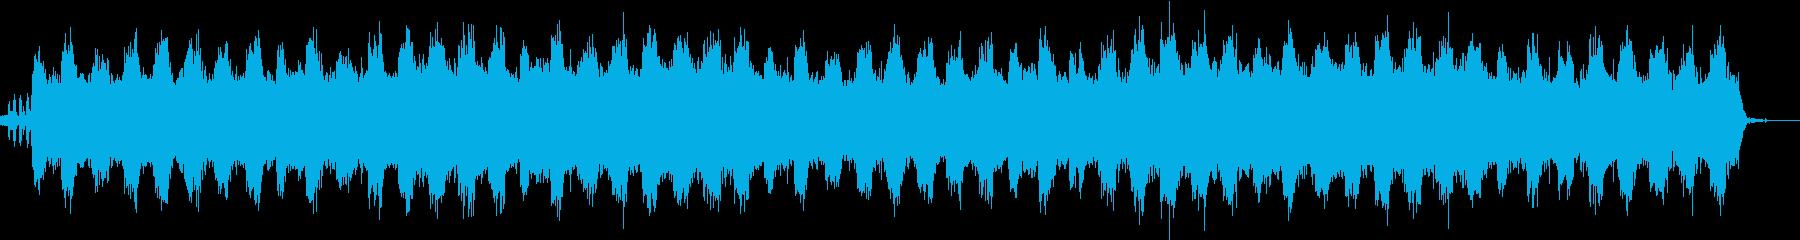 自然音たっぷりの癒やしのヒーリング音楽の再生済みの波形